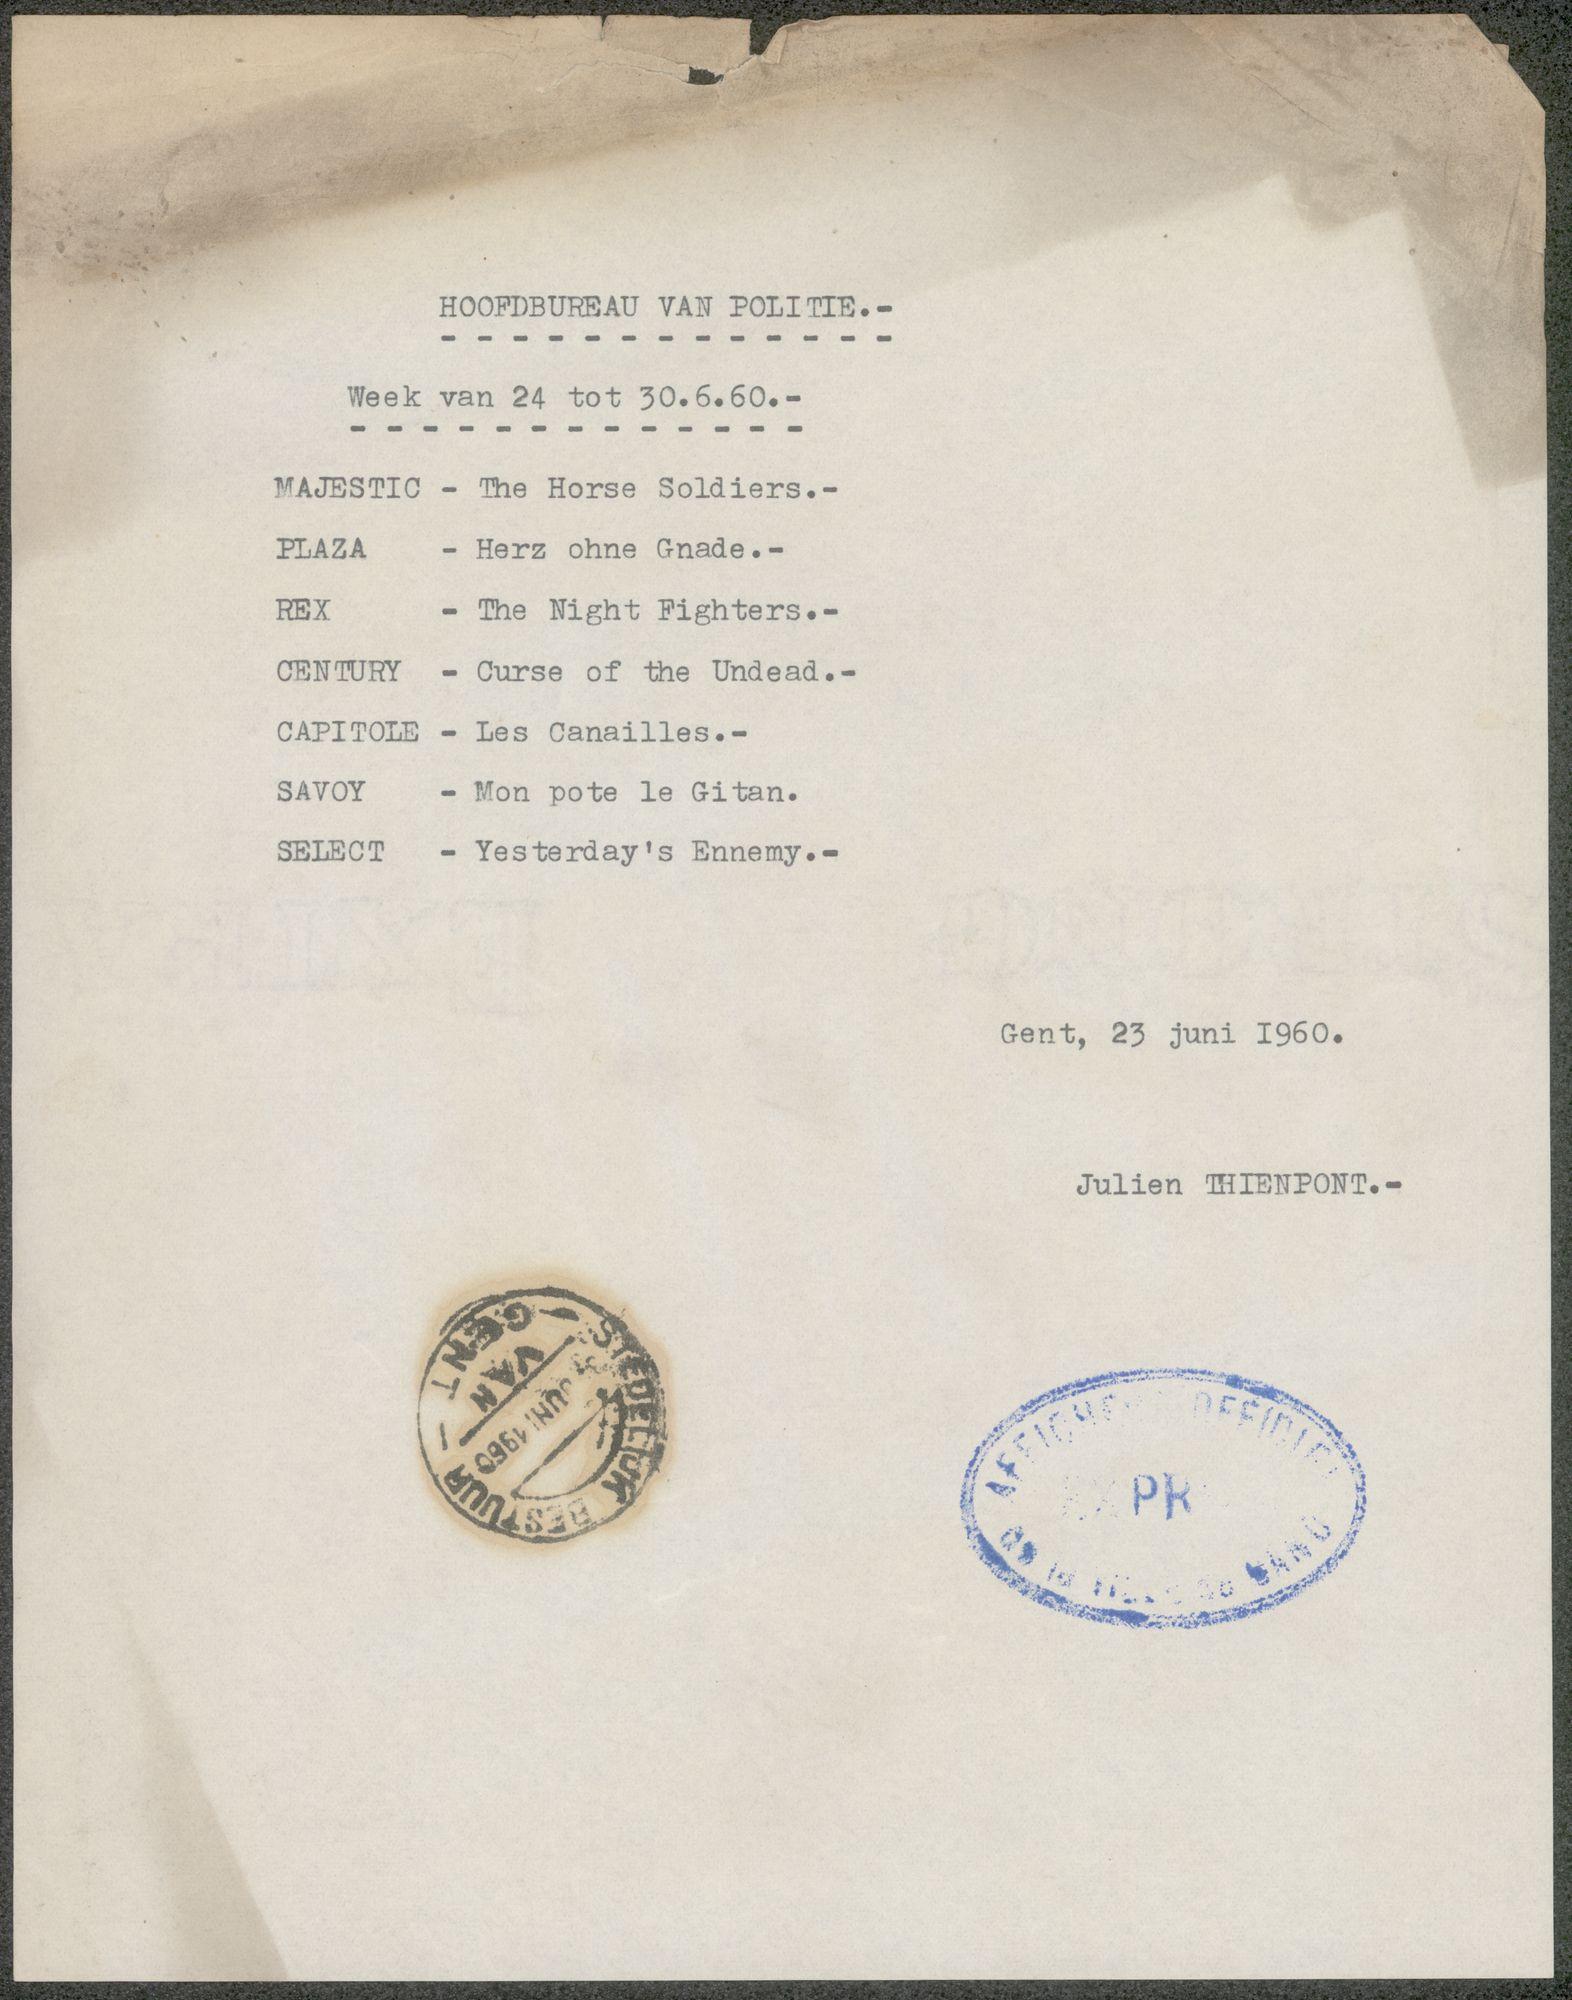 Lijst van filmaffiches afgegeven aan het hoofdbureau van politie, Gent, week van 24 tot 30 juni 1960